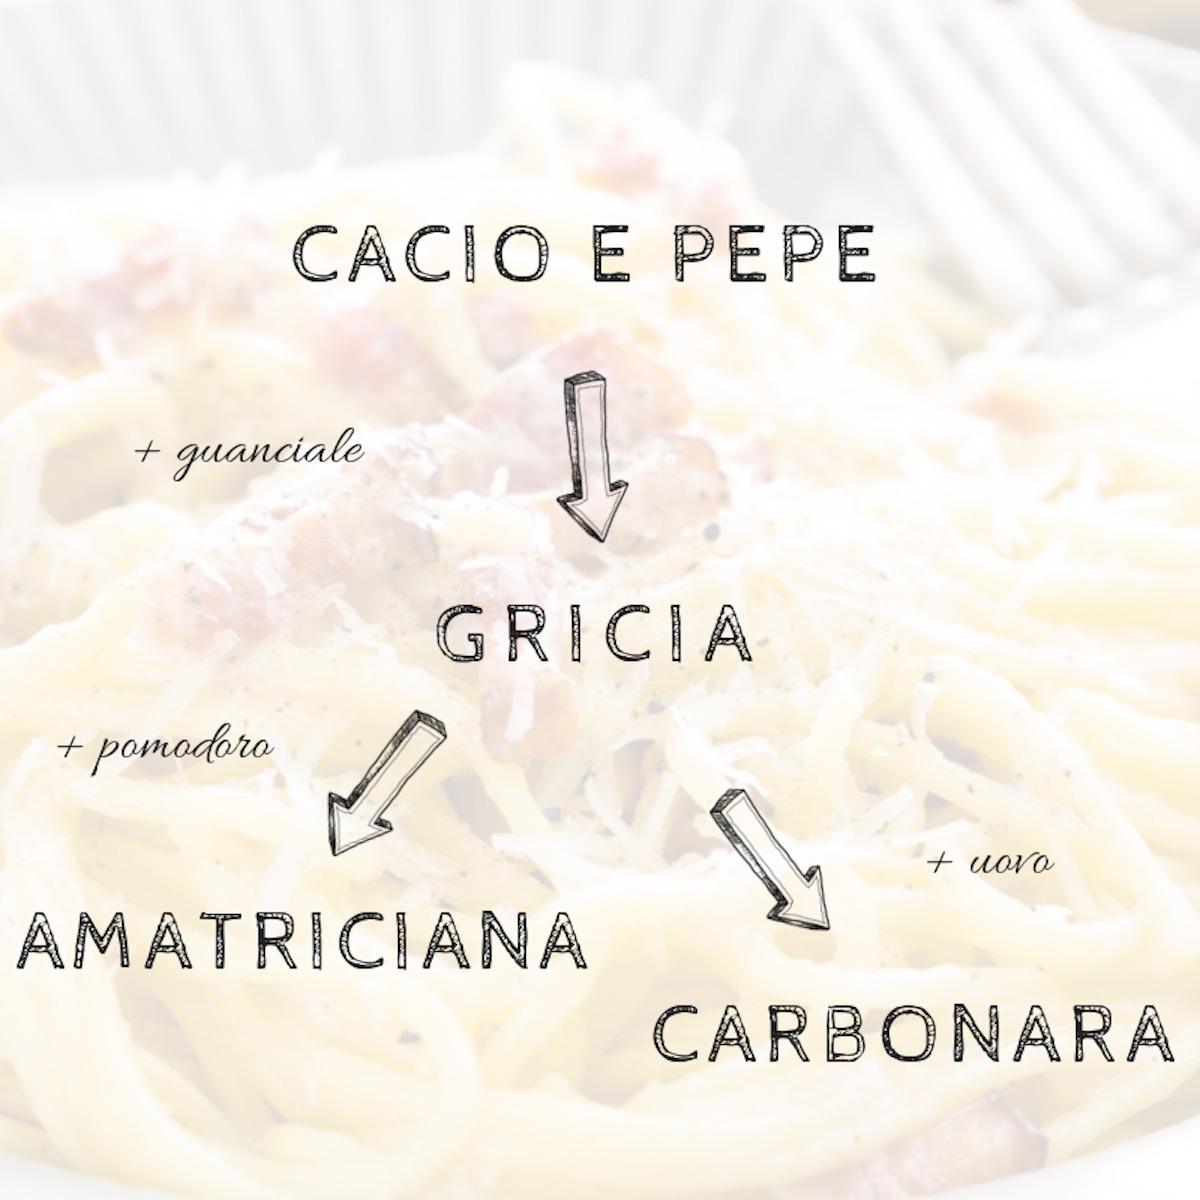 schema primi piatti romani